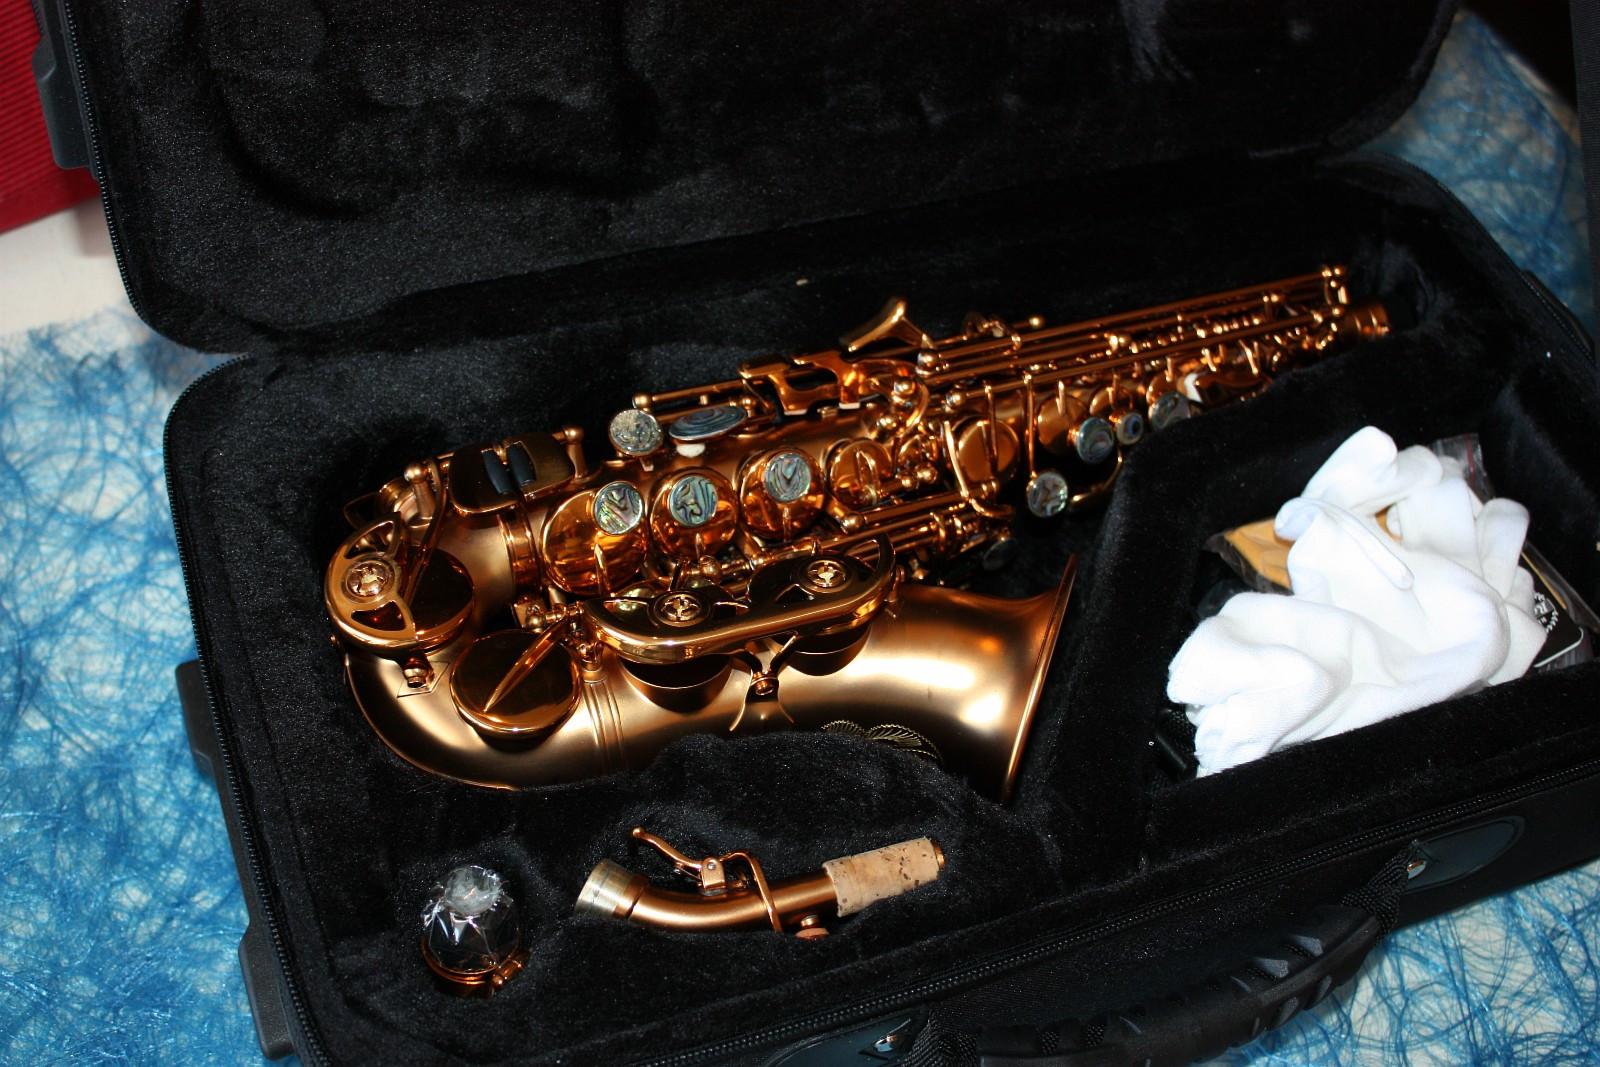 Sopran saksofon i kaffe farge - Vigra  - Nye nydelige sopran saksofoner i kaffe farge på lager. Nydelig intonasjon og klang. Lyd-fil kan sendes på e-mail. Ring gjerne på telefon 47855039 for en hyggelig saksofon prat.   Det følger med: * Kasse med ekstra oppbevarin - Vigra